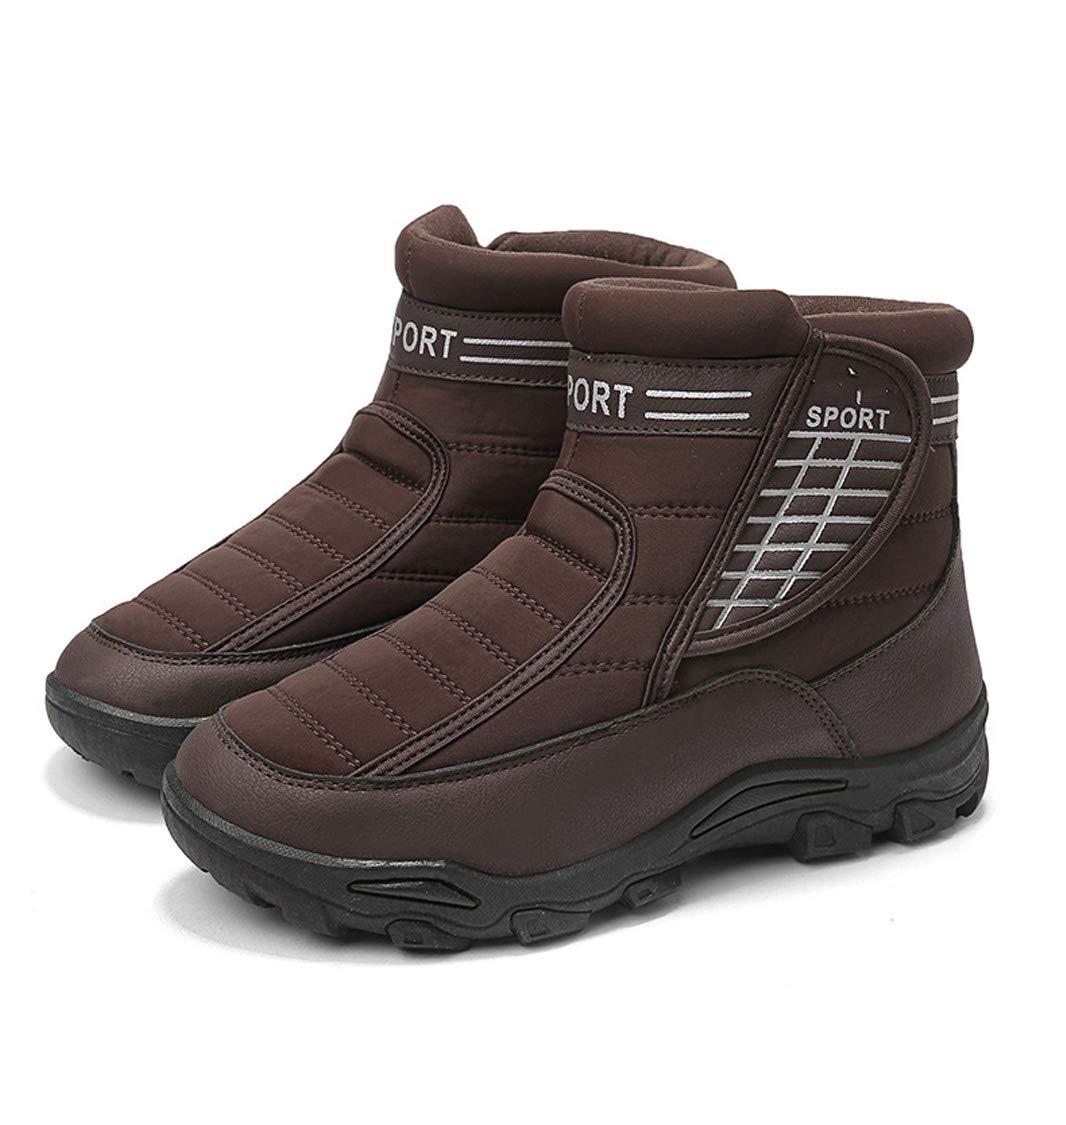 DANDANJIE Herren-Schneestiefel Warme Sport-Wanderschuhe mit hohen, Rutschfesten Turnschuhen, lässigen Outdoor-Schuhe für den Winter